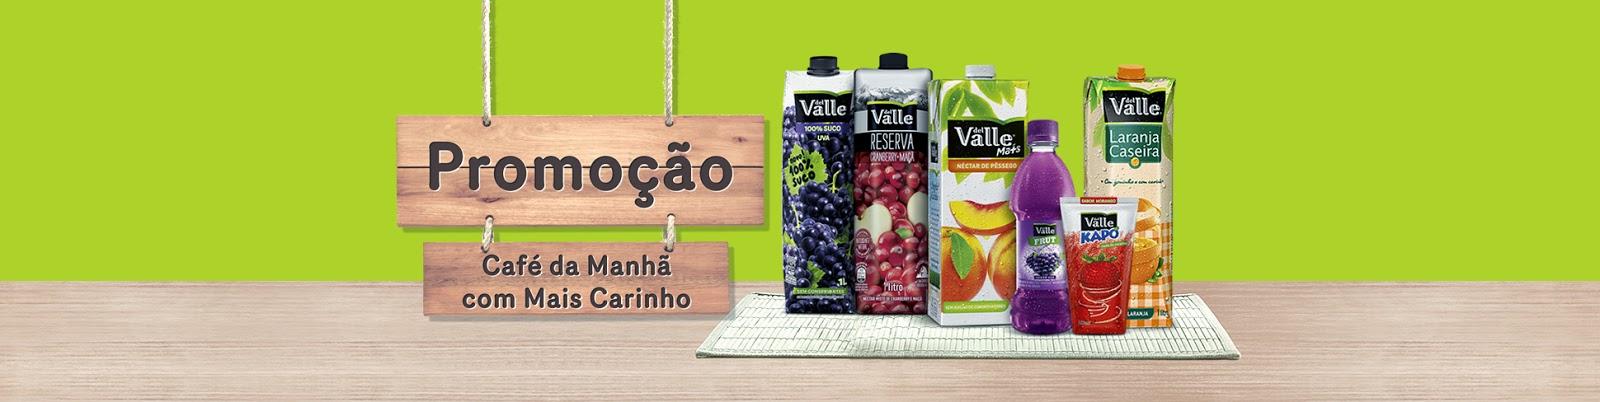 """Promoção """"Café Da Manhã Com Mais Carinho"""" Del Valle"""